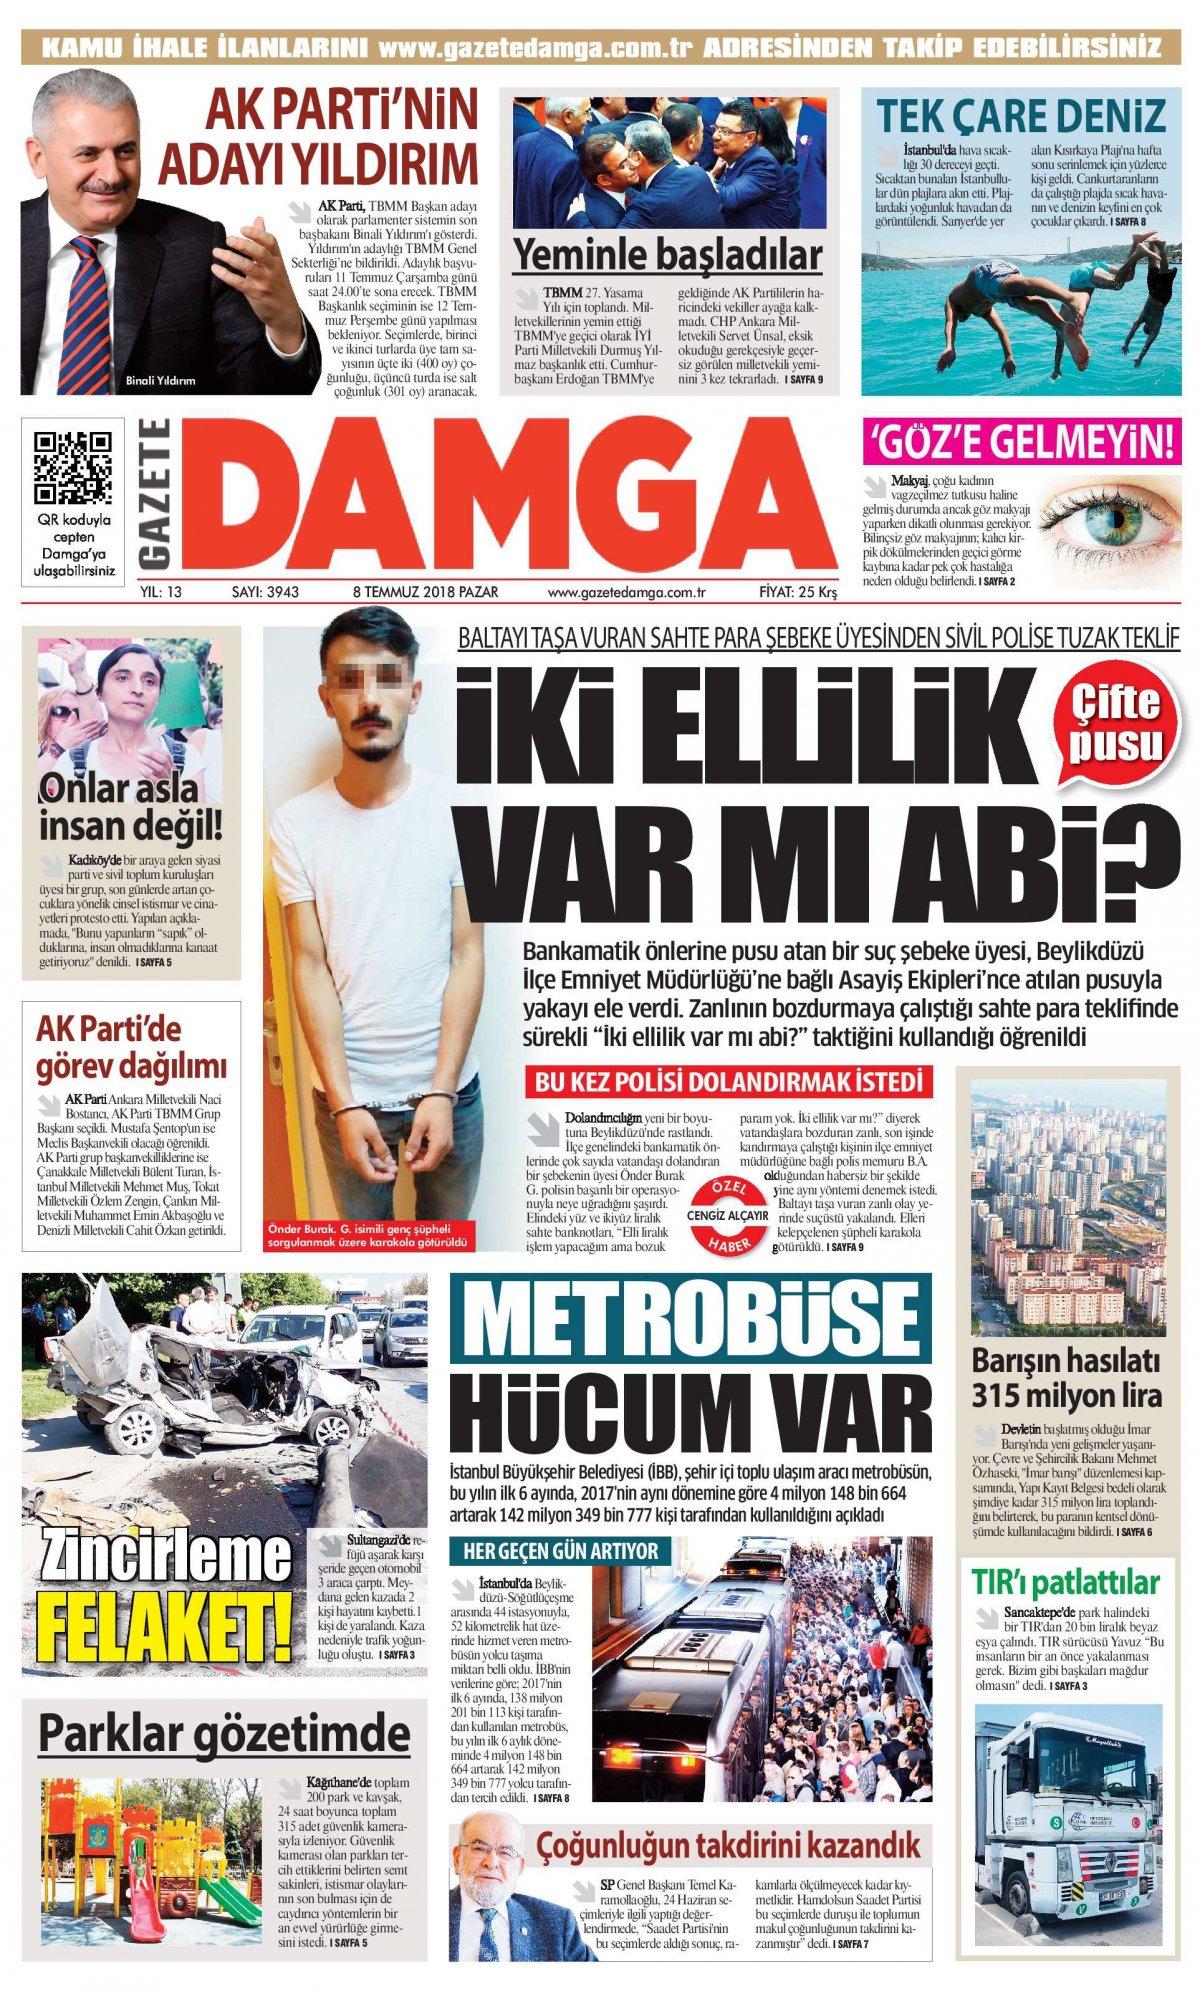 Gazete Damga - 08.07.2018 Manşeti